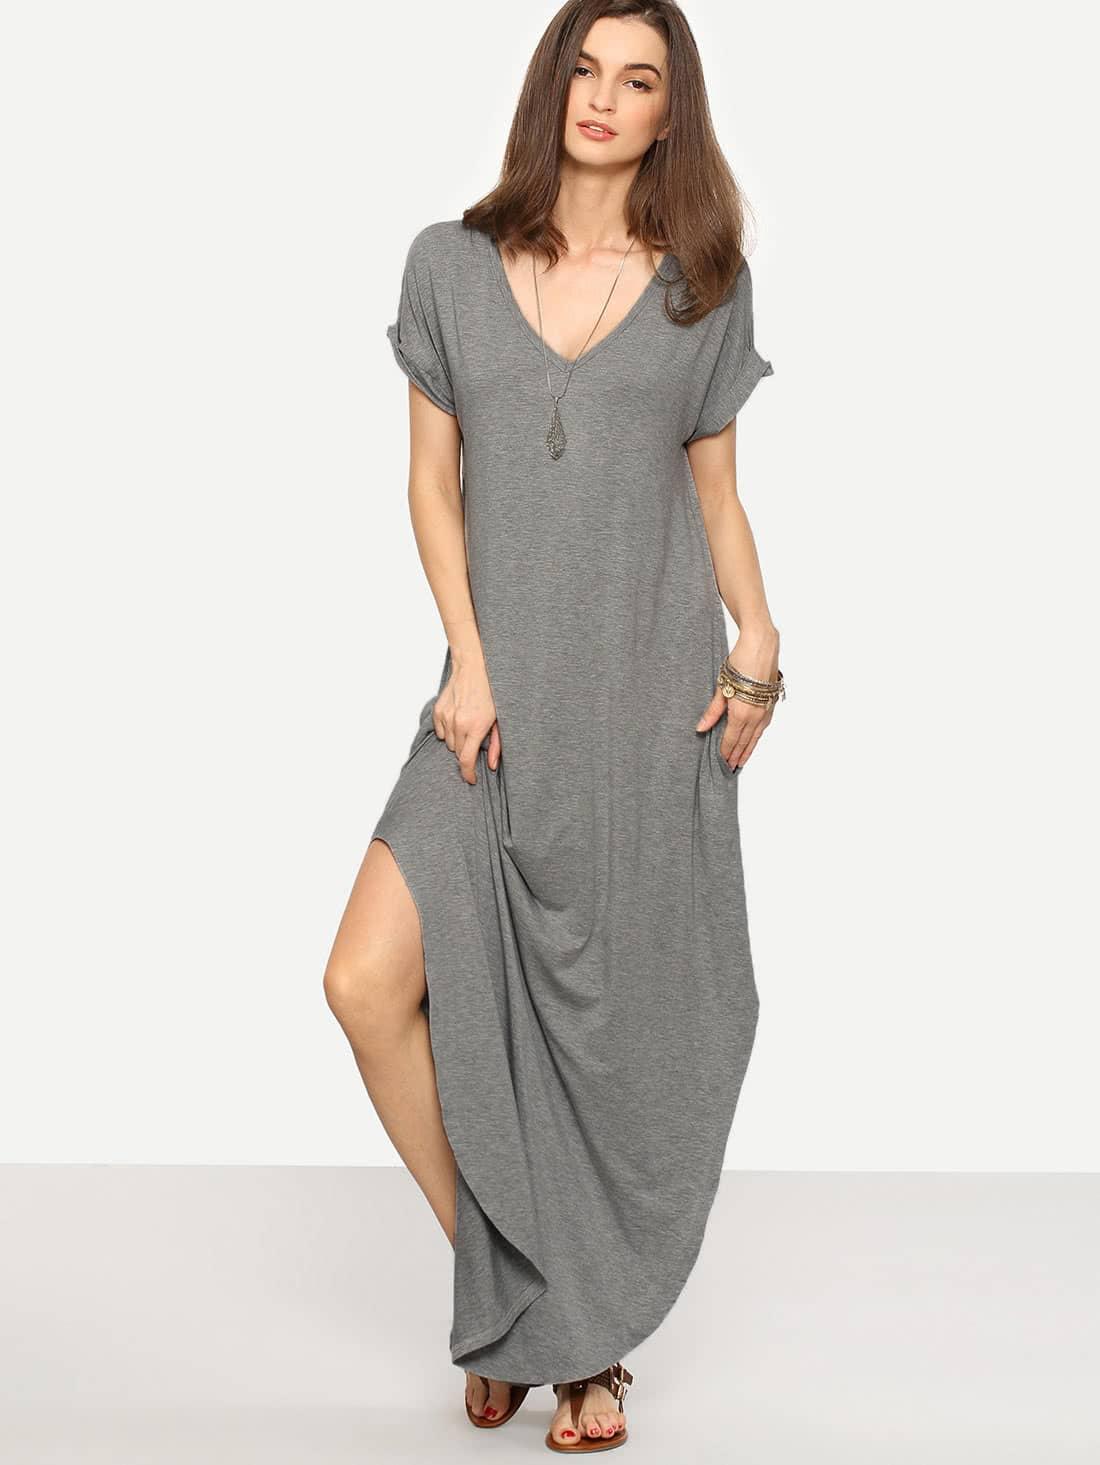 Heather Knit Rolled-cuff Pockets Side Split Dress heather knit swing dress